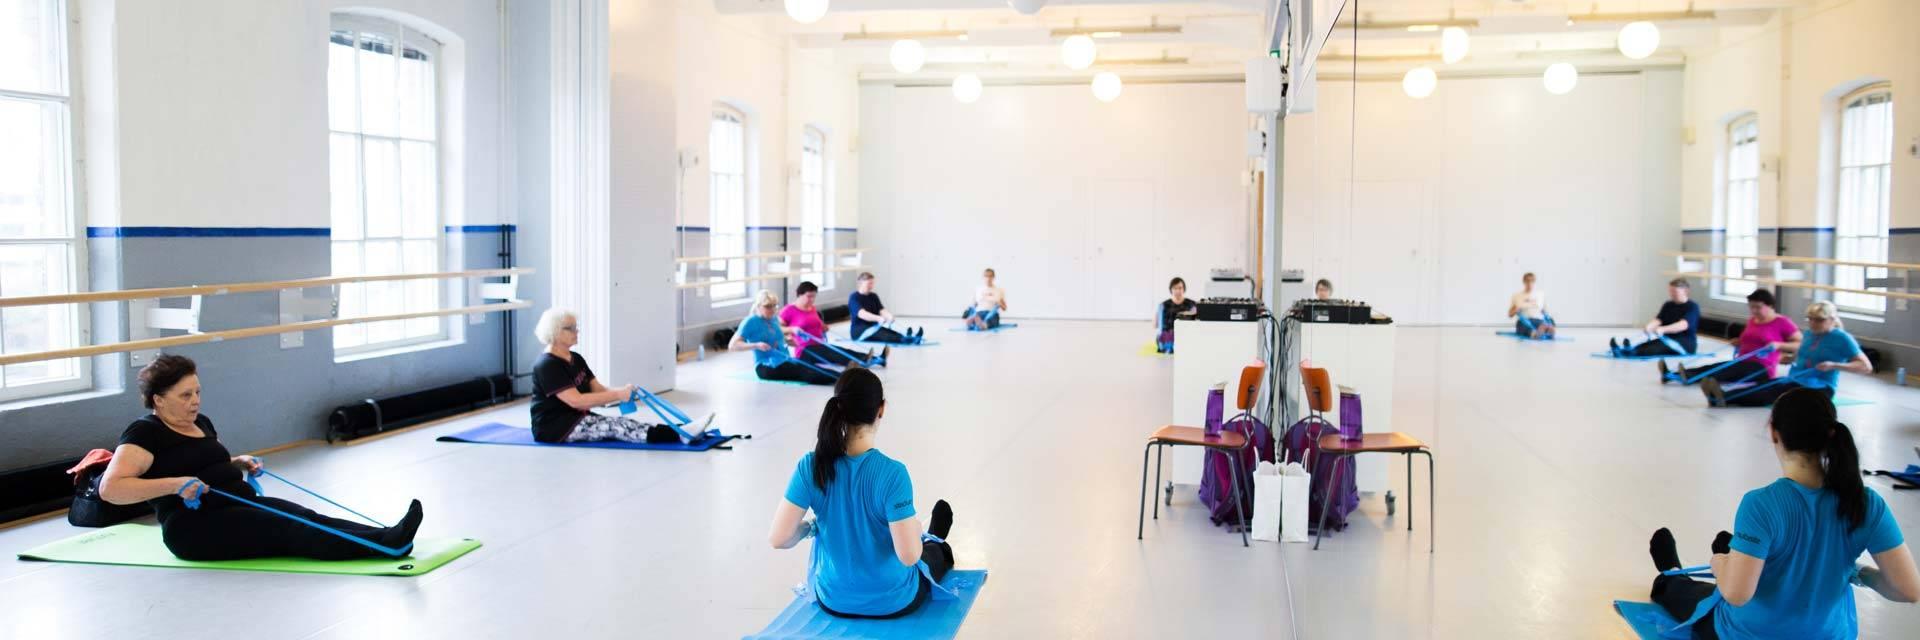 Liikuntaa Valkeakoski-opiston tiloissa